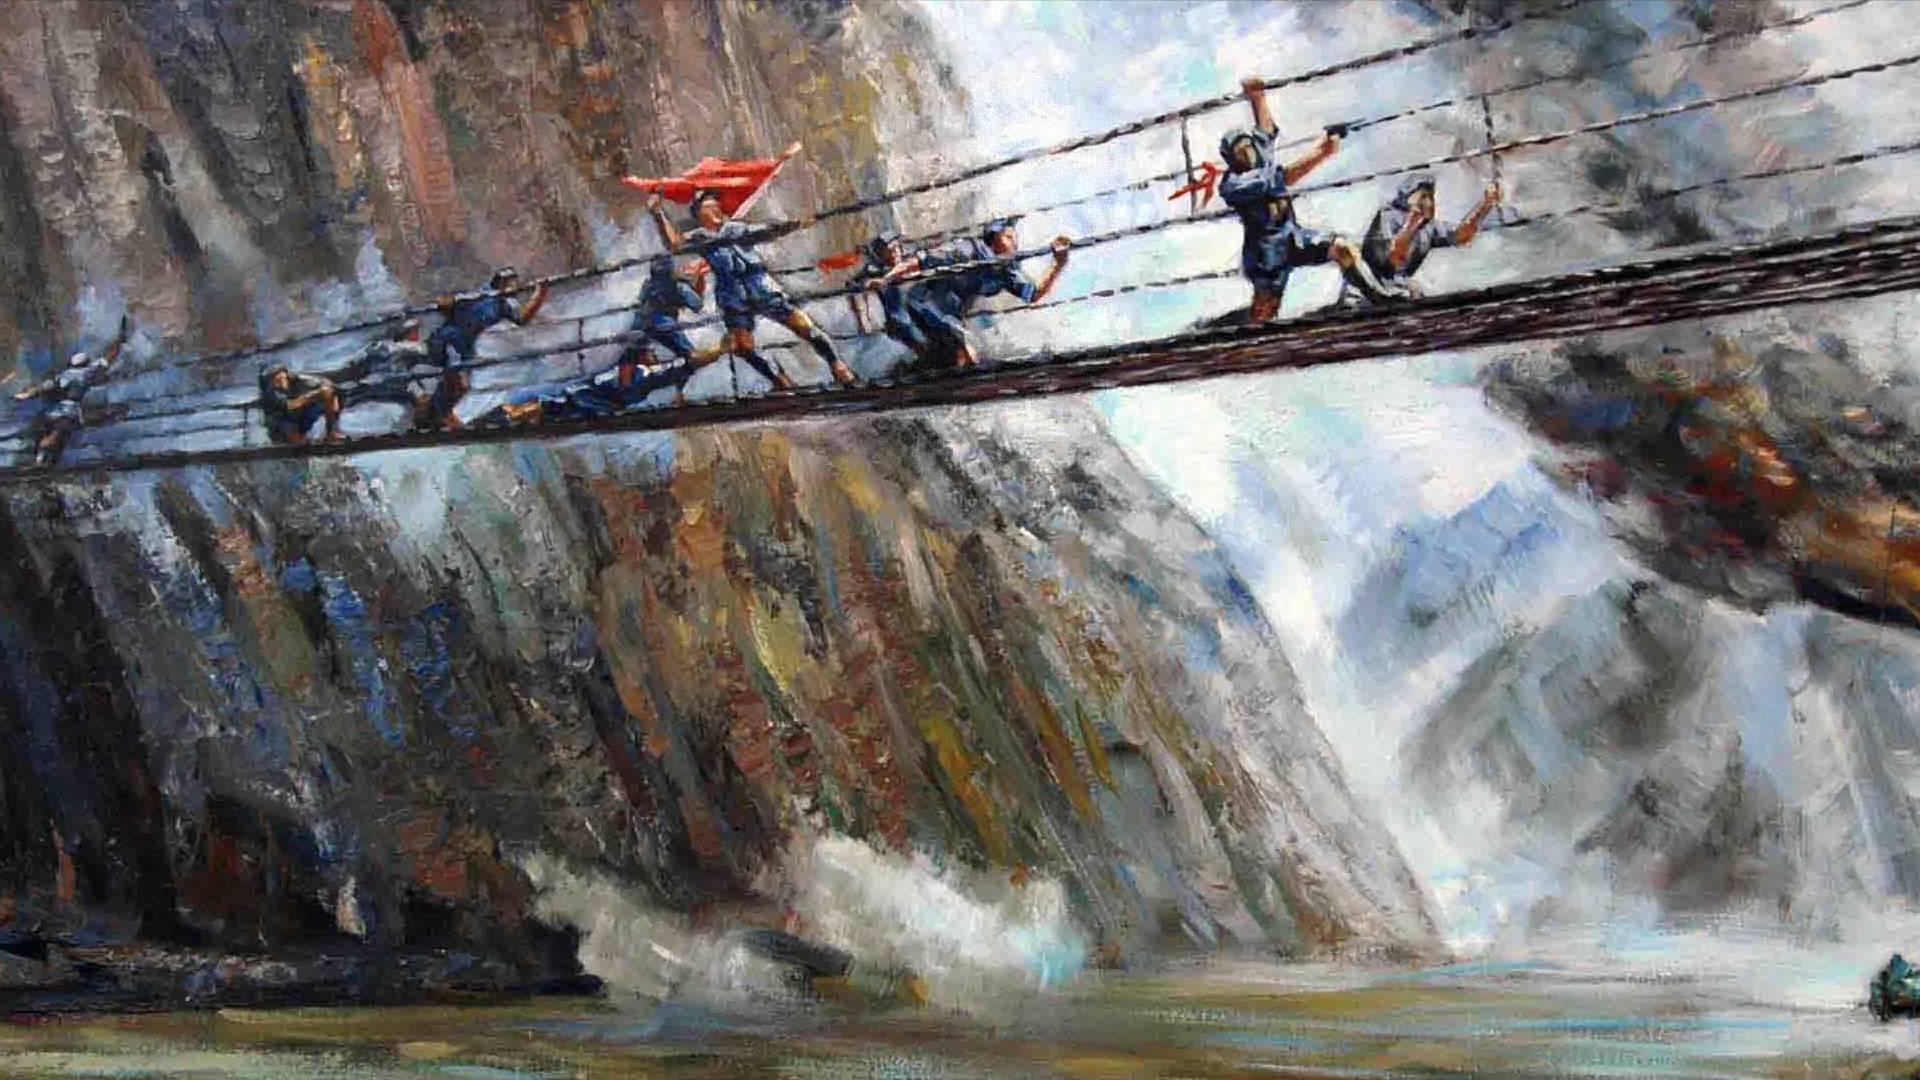 卫星视角再现红军飞夺泸定桥军事奇迹